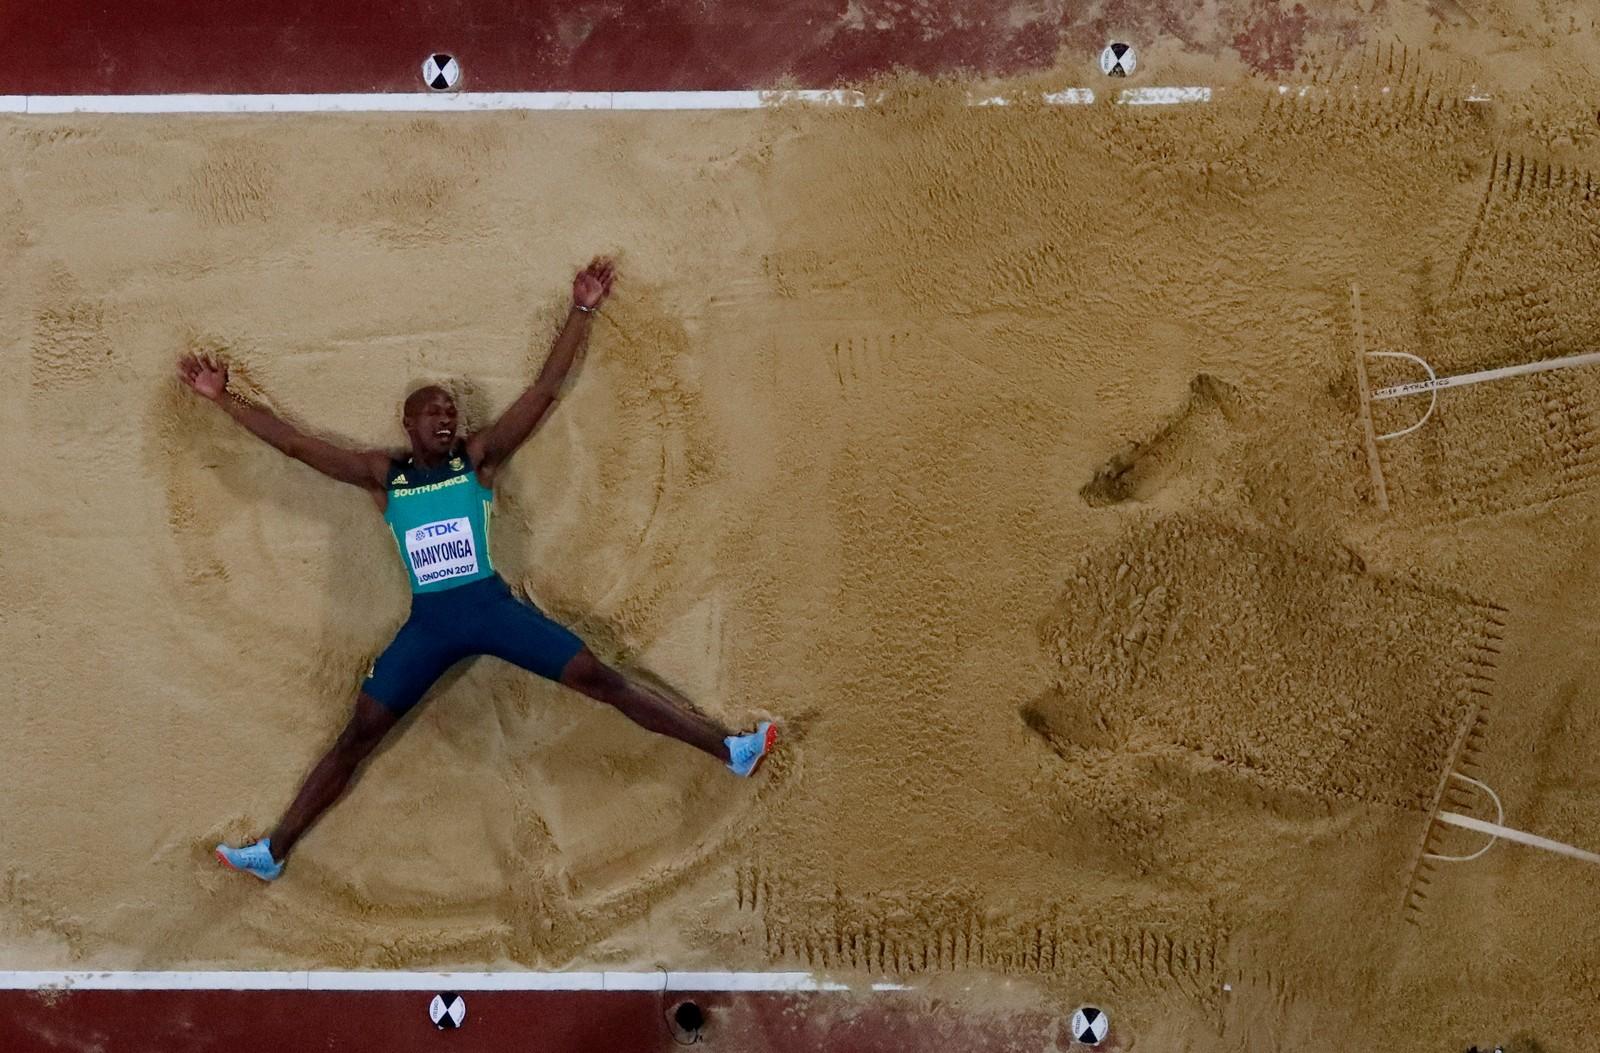 Luvo Manyonga fra Sør-Afrika feiret seieren i lengde under VM i friidrett i London ved å legge seg i lengdegropa og lage en engel i sanden.